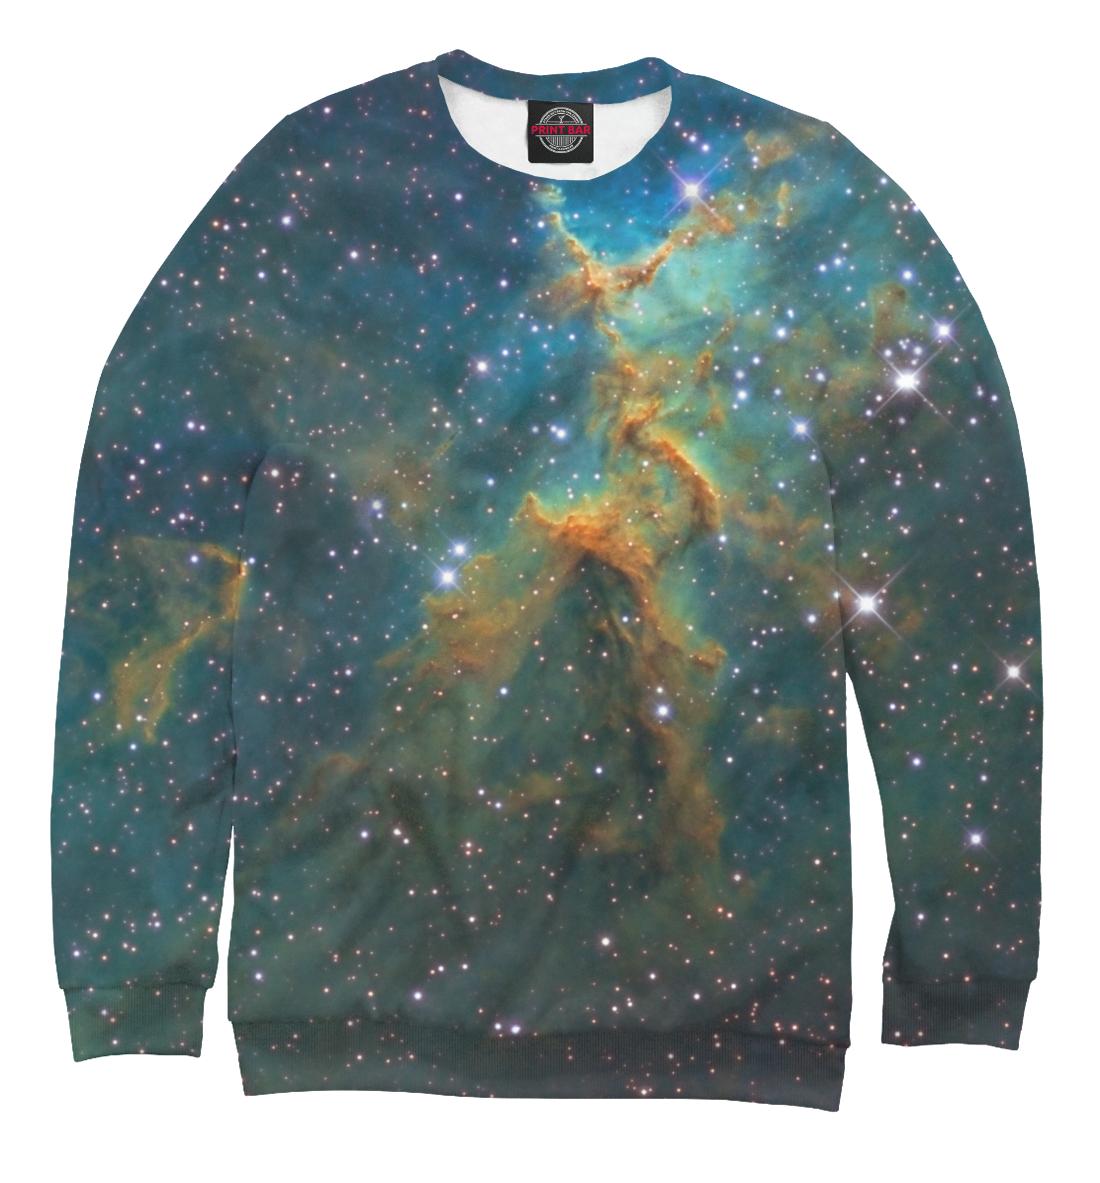 Купить Космос, ты просто космос, Printbar, Свитшоты, SPA-624746-swi-2